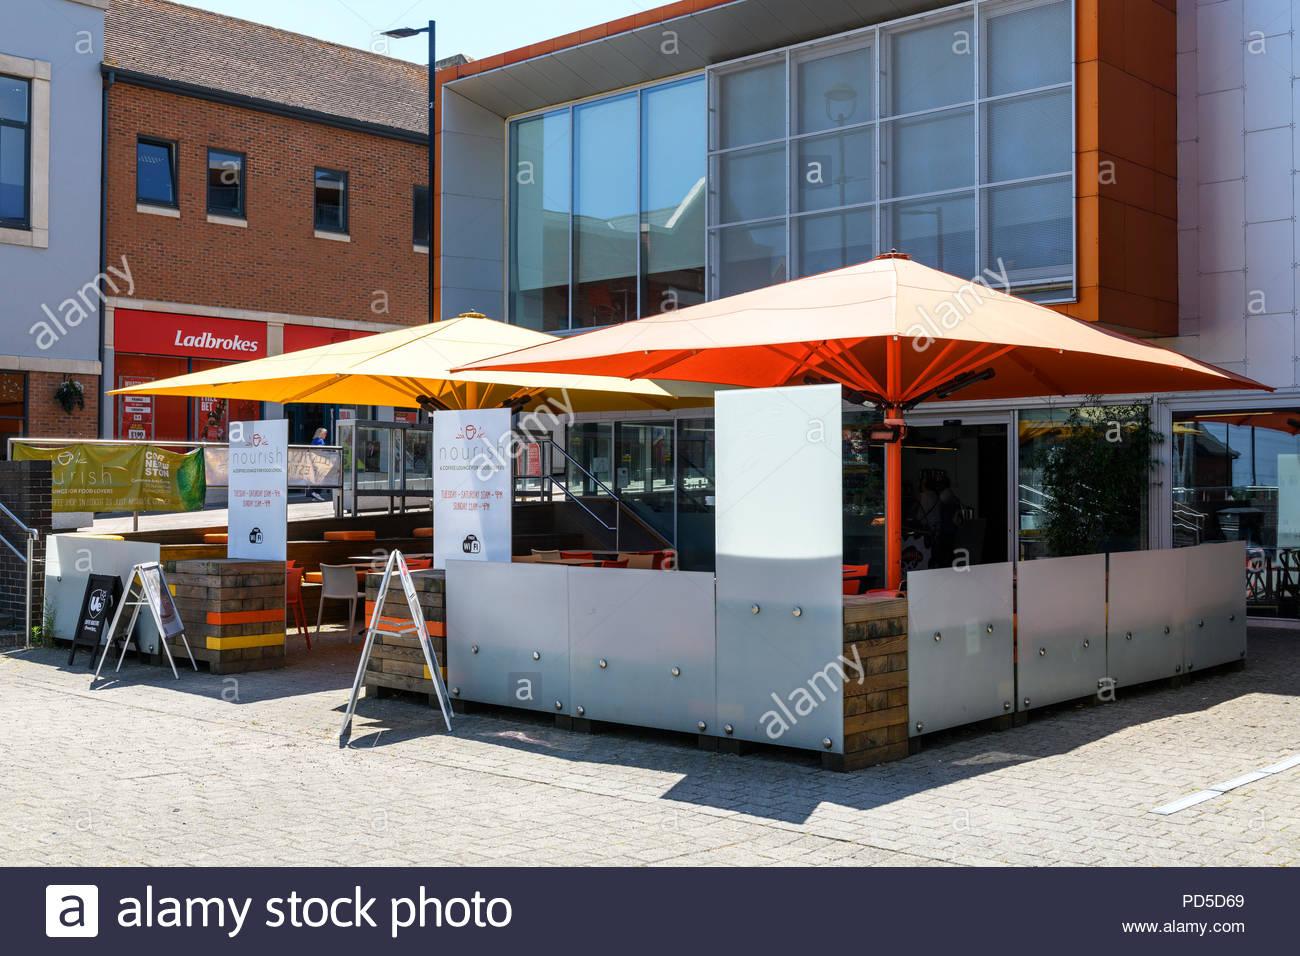 Nourish restaurant, Didcot, Berkshire, England, UK - Stock Image